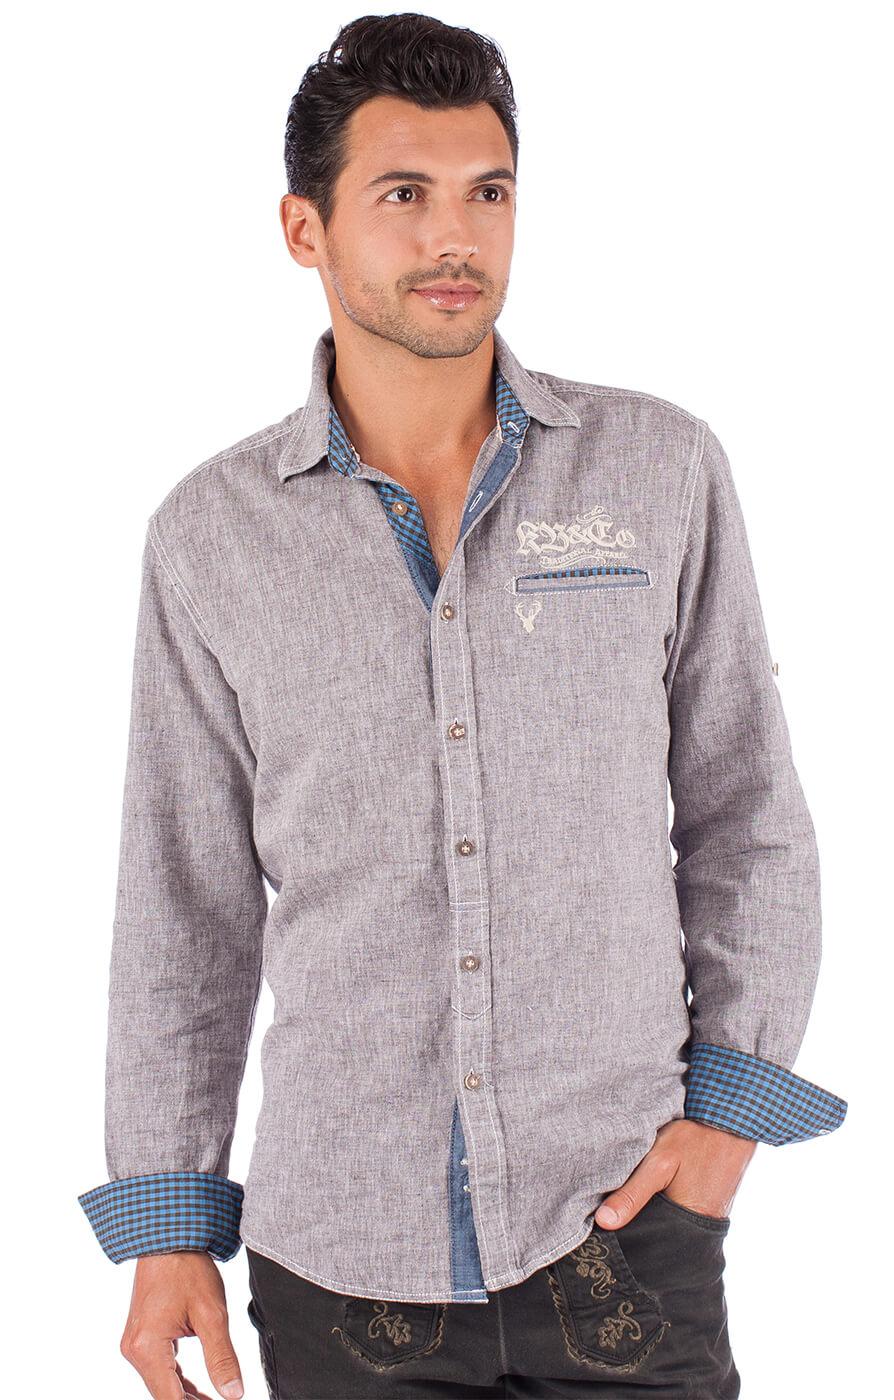 Trachtenhemd 92103 grau von Krüger Dirndl